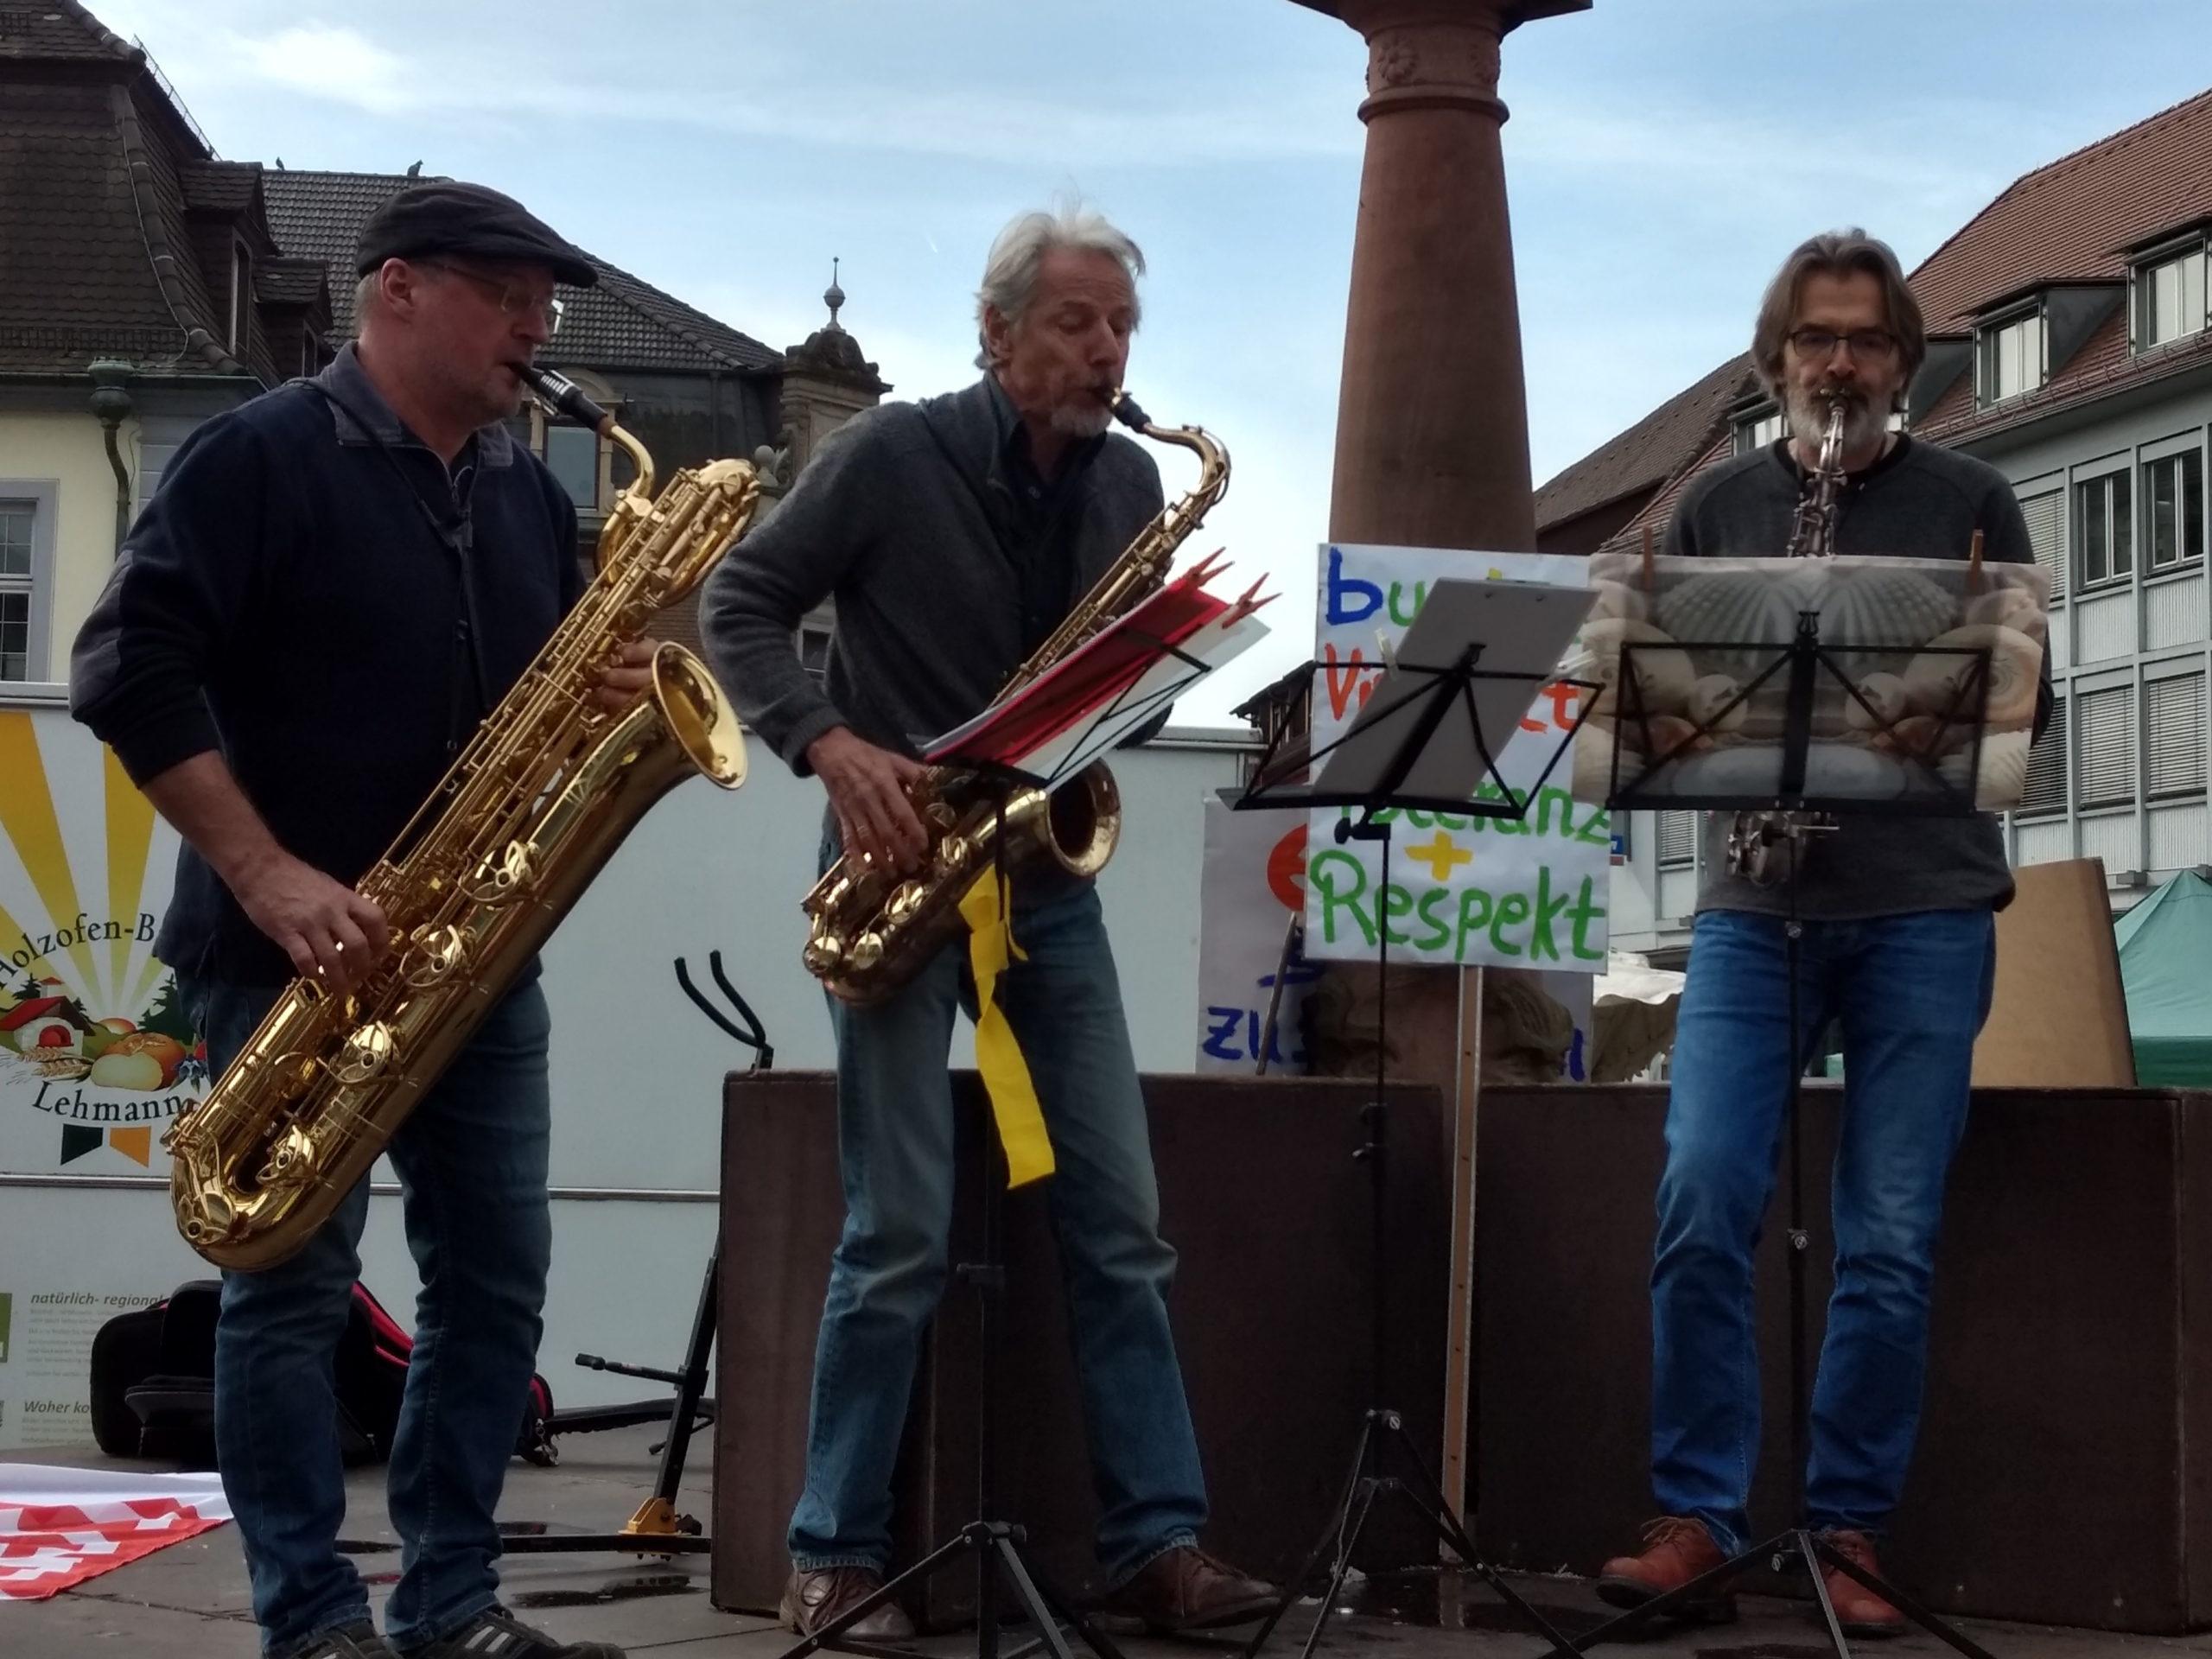 Drei Saxophon spielende Männer auf dem Brunnen des Emmendinger Marktplatzes.